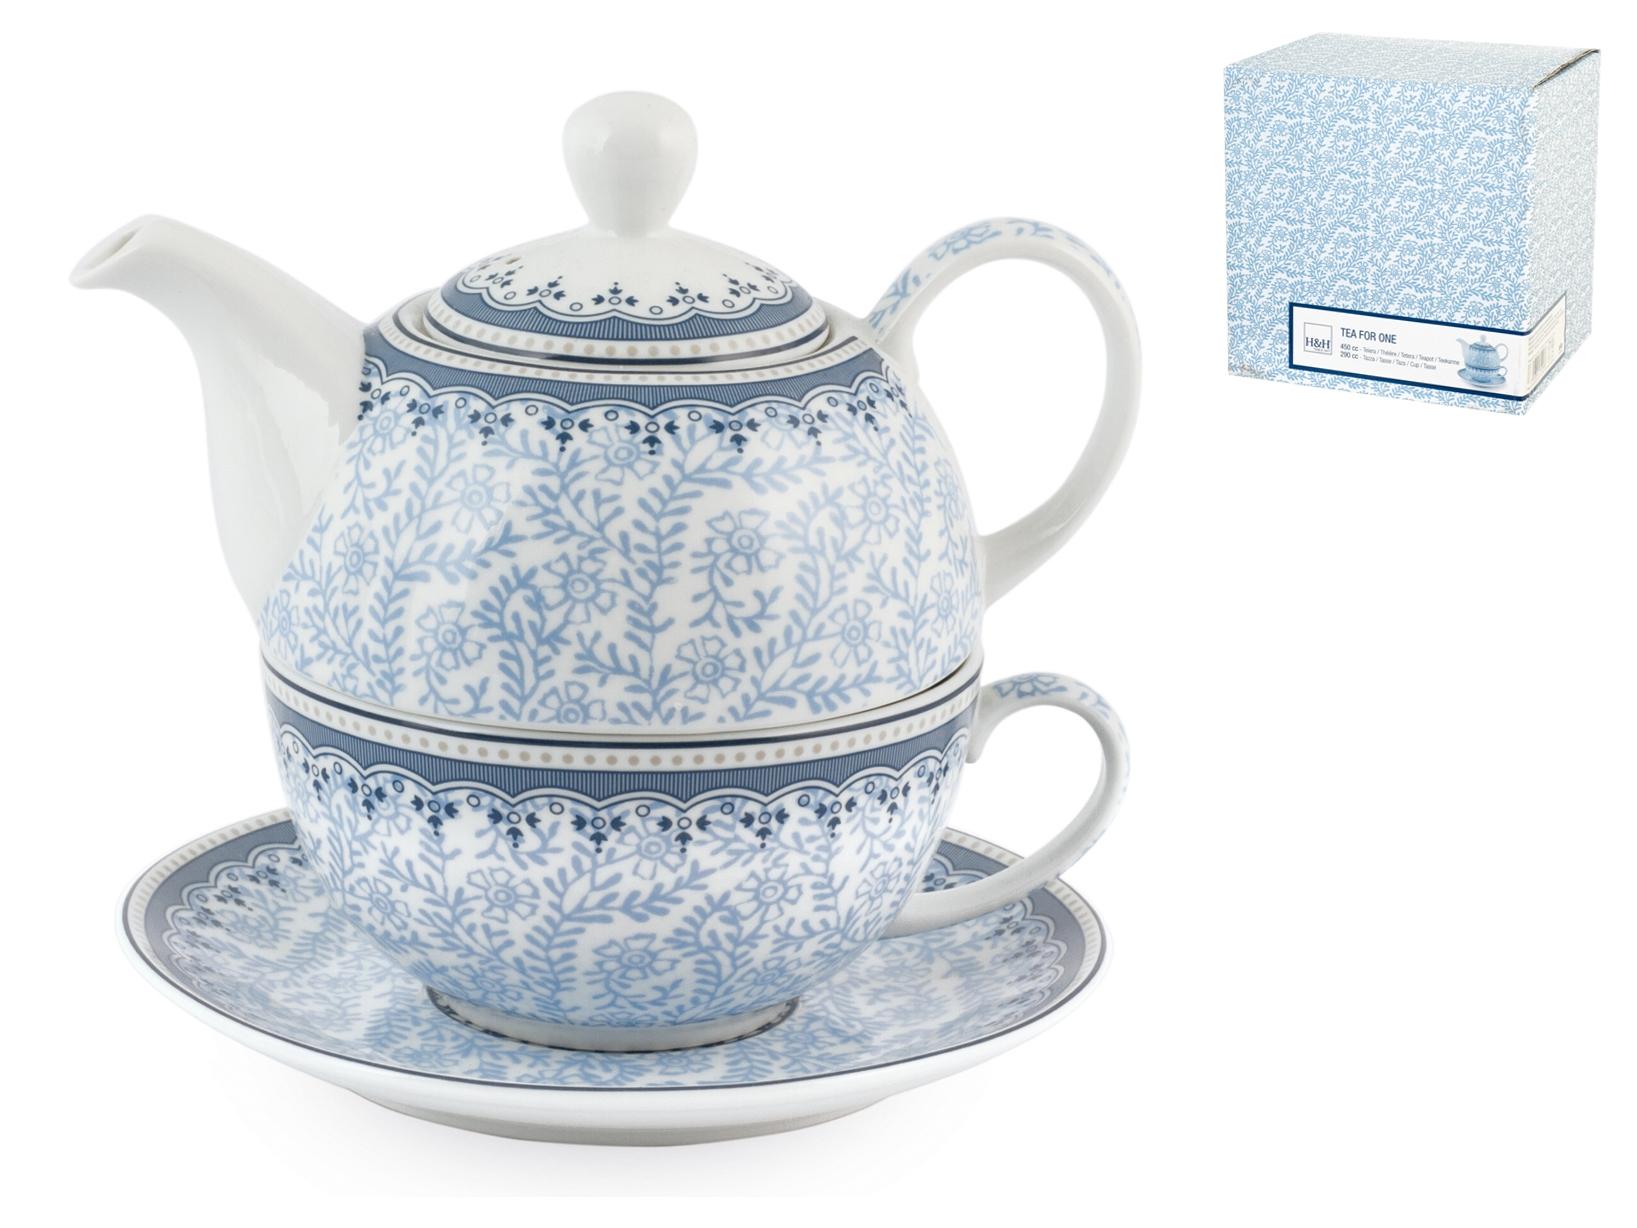 H&h Tea-for-one Porcellana Blue Dream